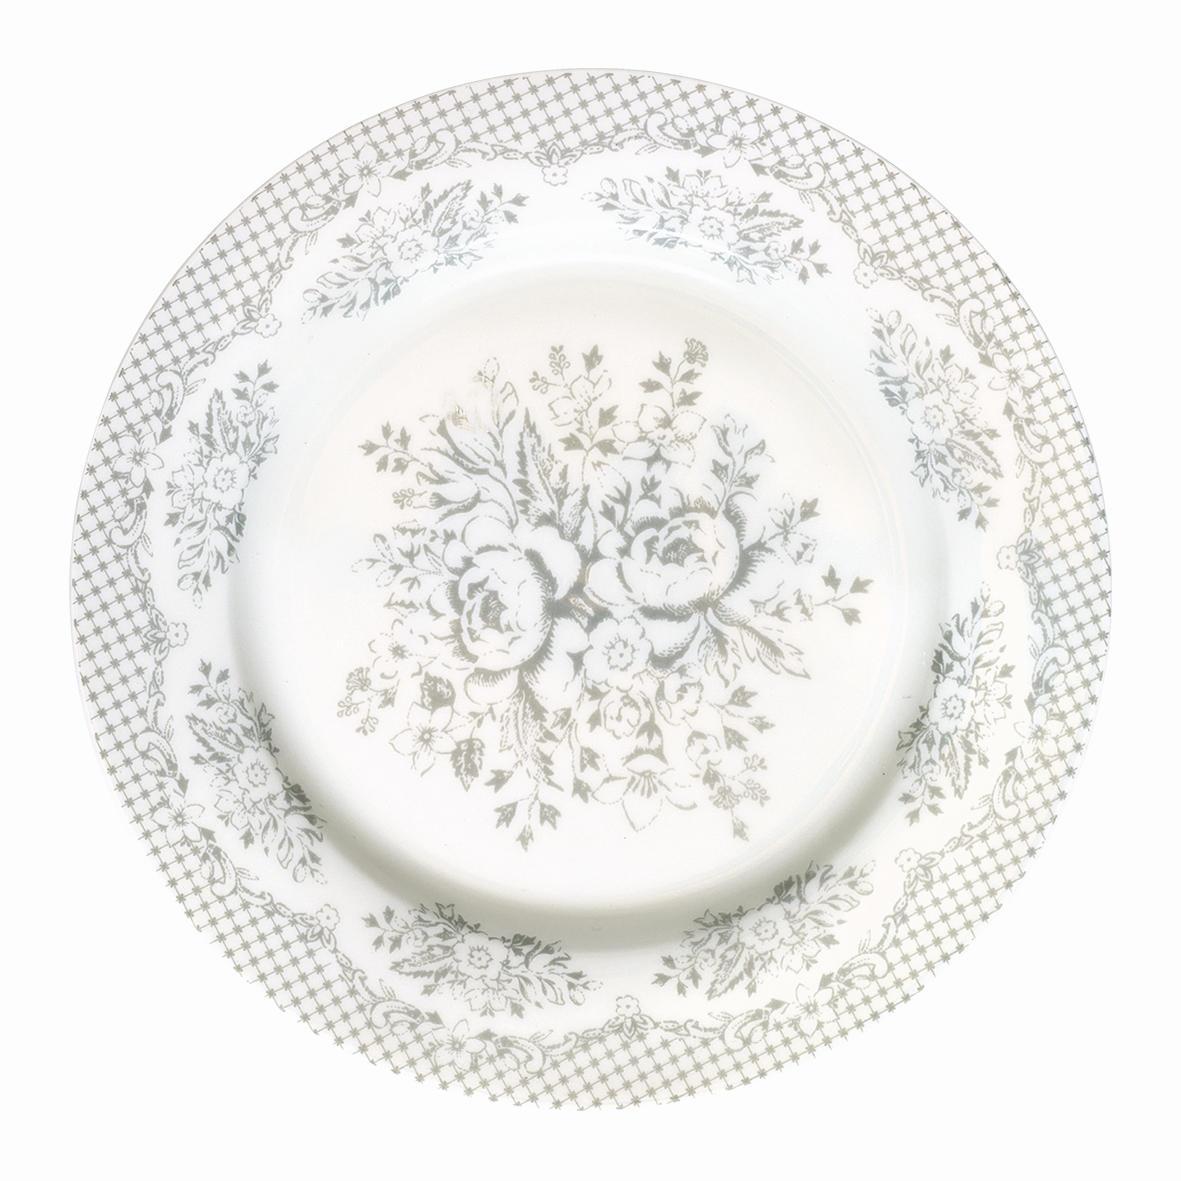 GREEN GATE Dezertní talíř Stephanie warm grey, šedá barva, porcelán 20 cm